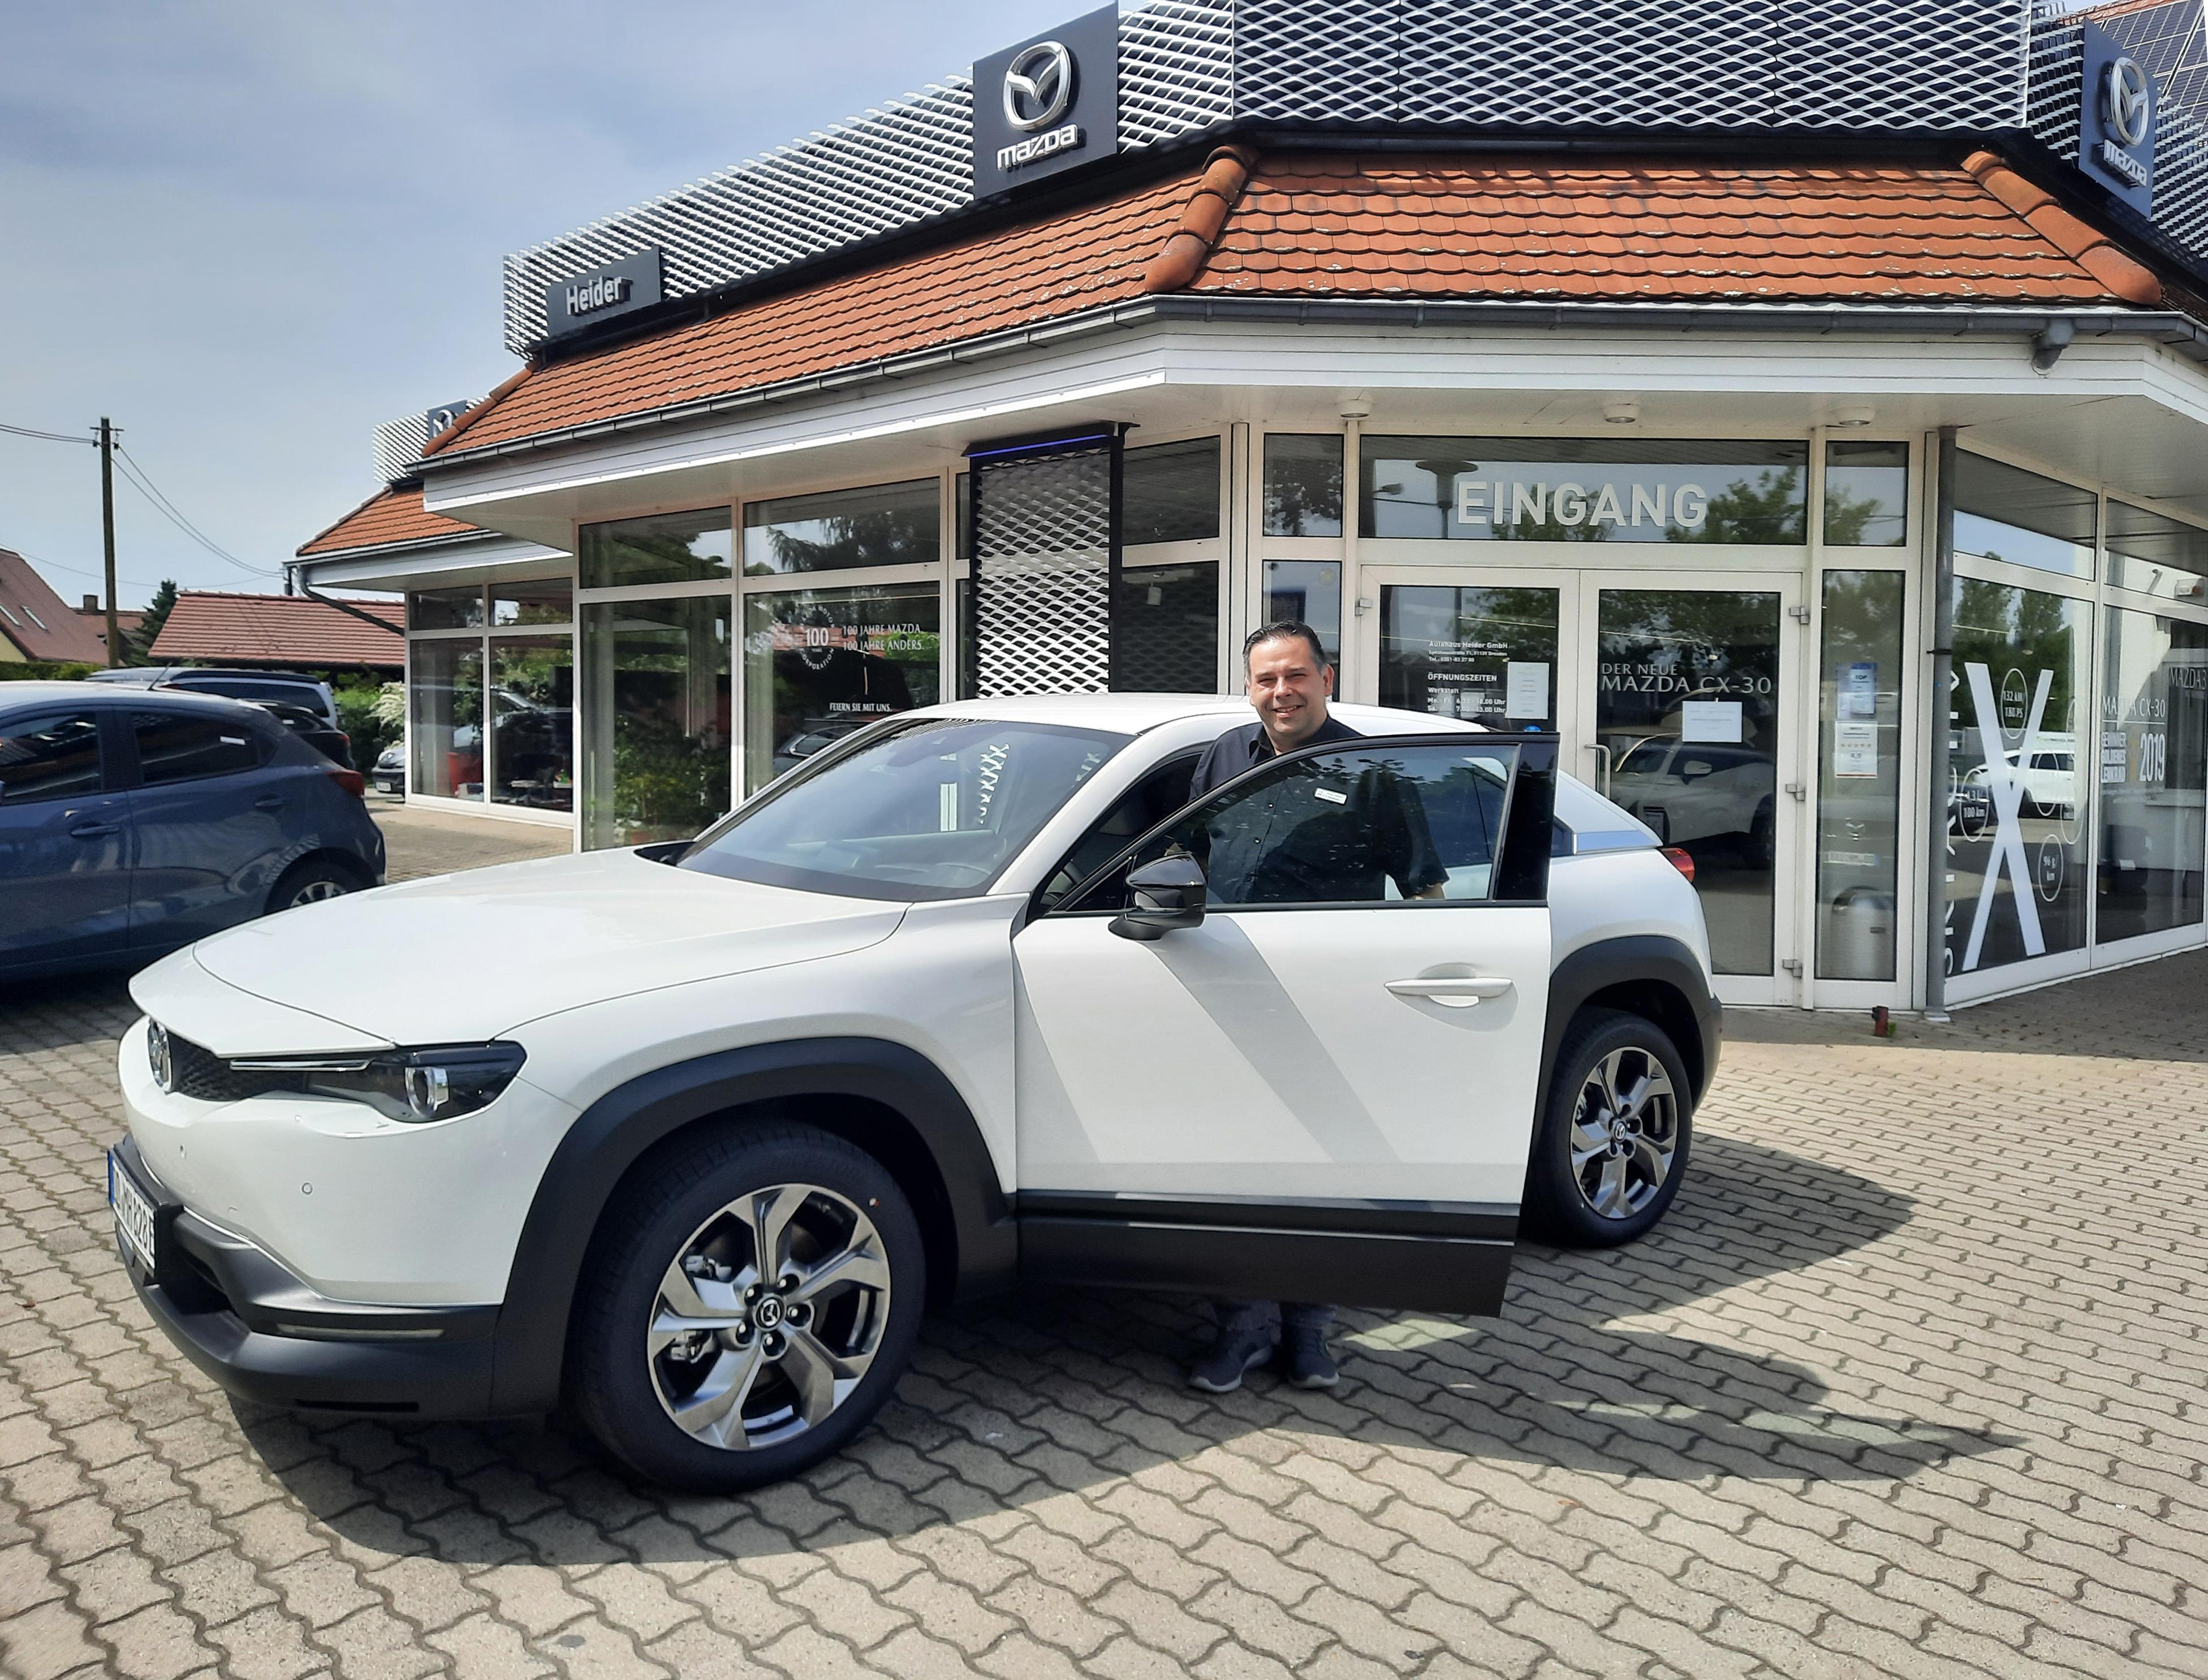 Ansprechendes Fahrverhalten und Null-Emissionen: Verkaufsberater Jerome Schubert freut sich auf Probefahrer für den Mazda MX-30